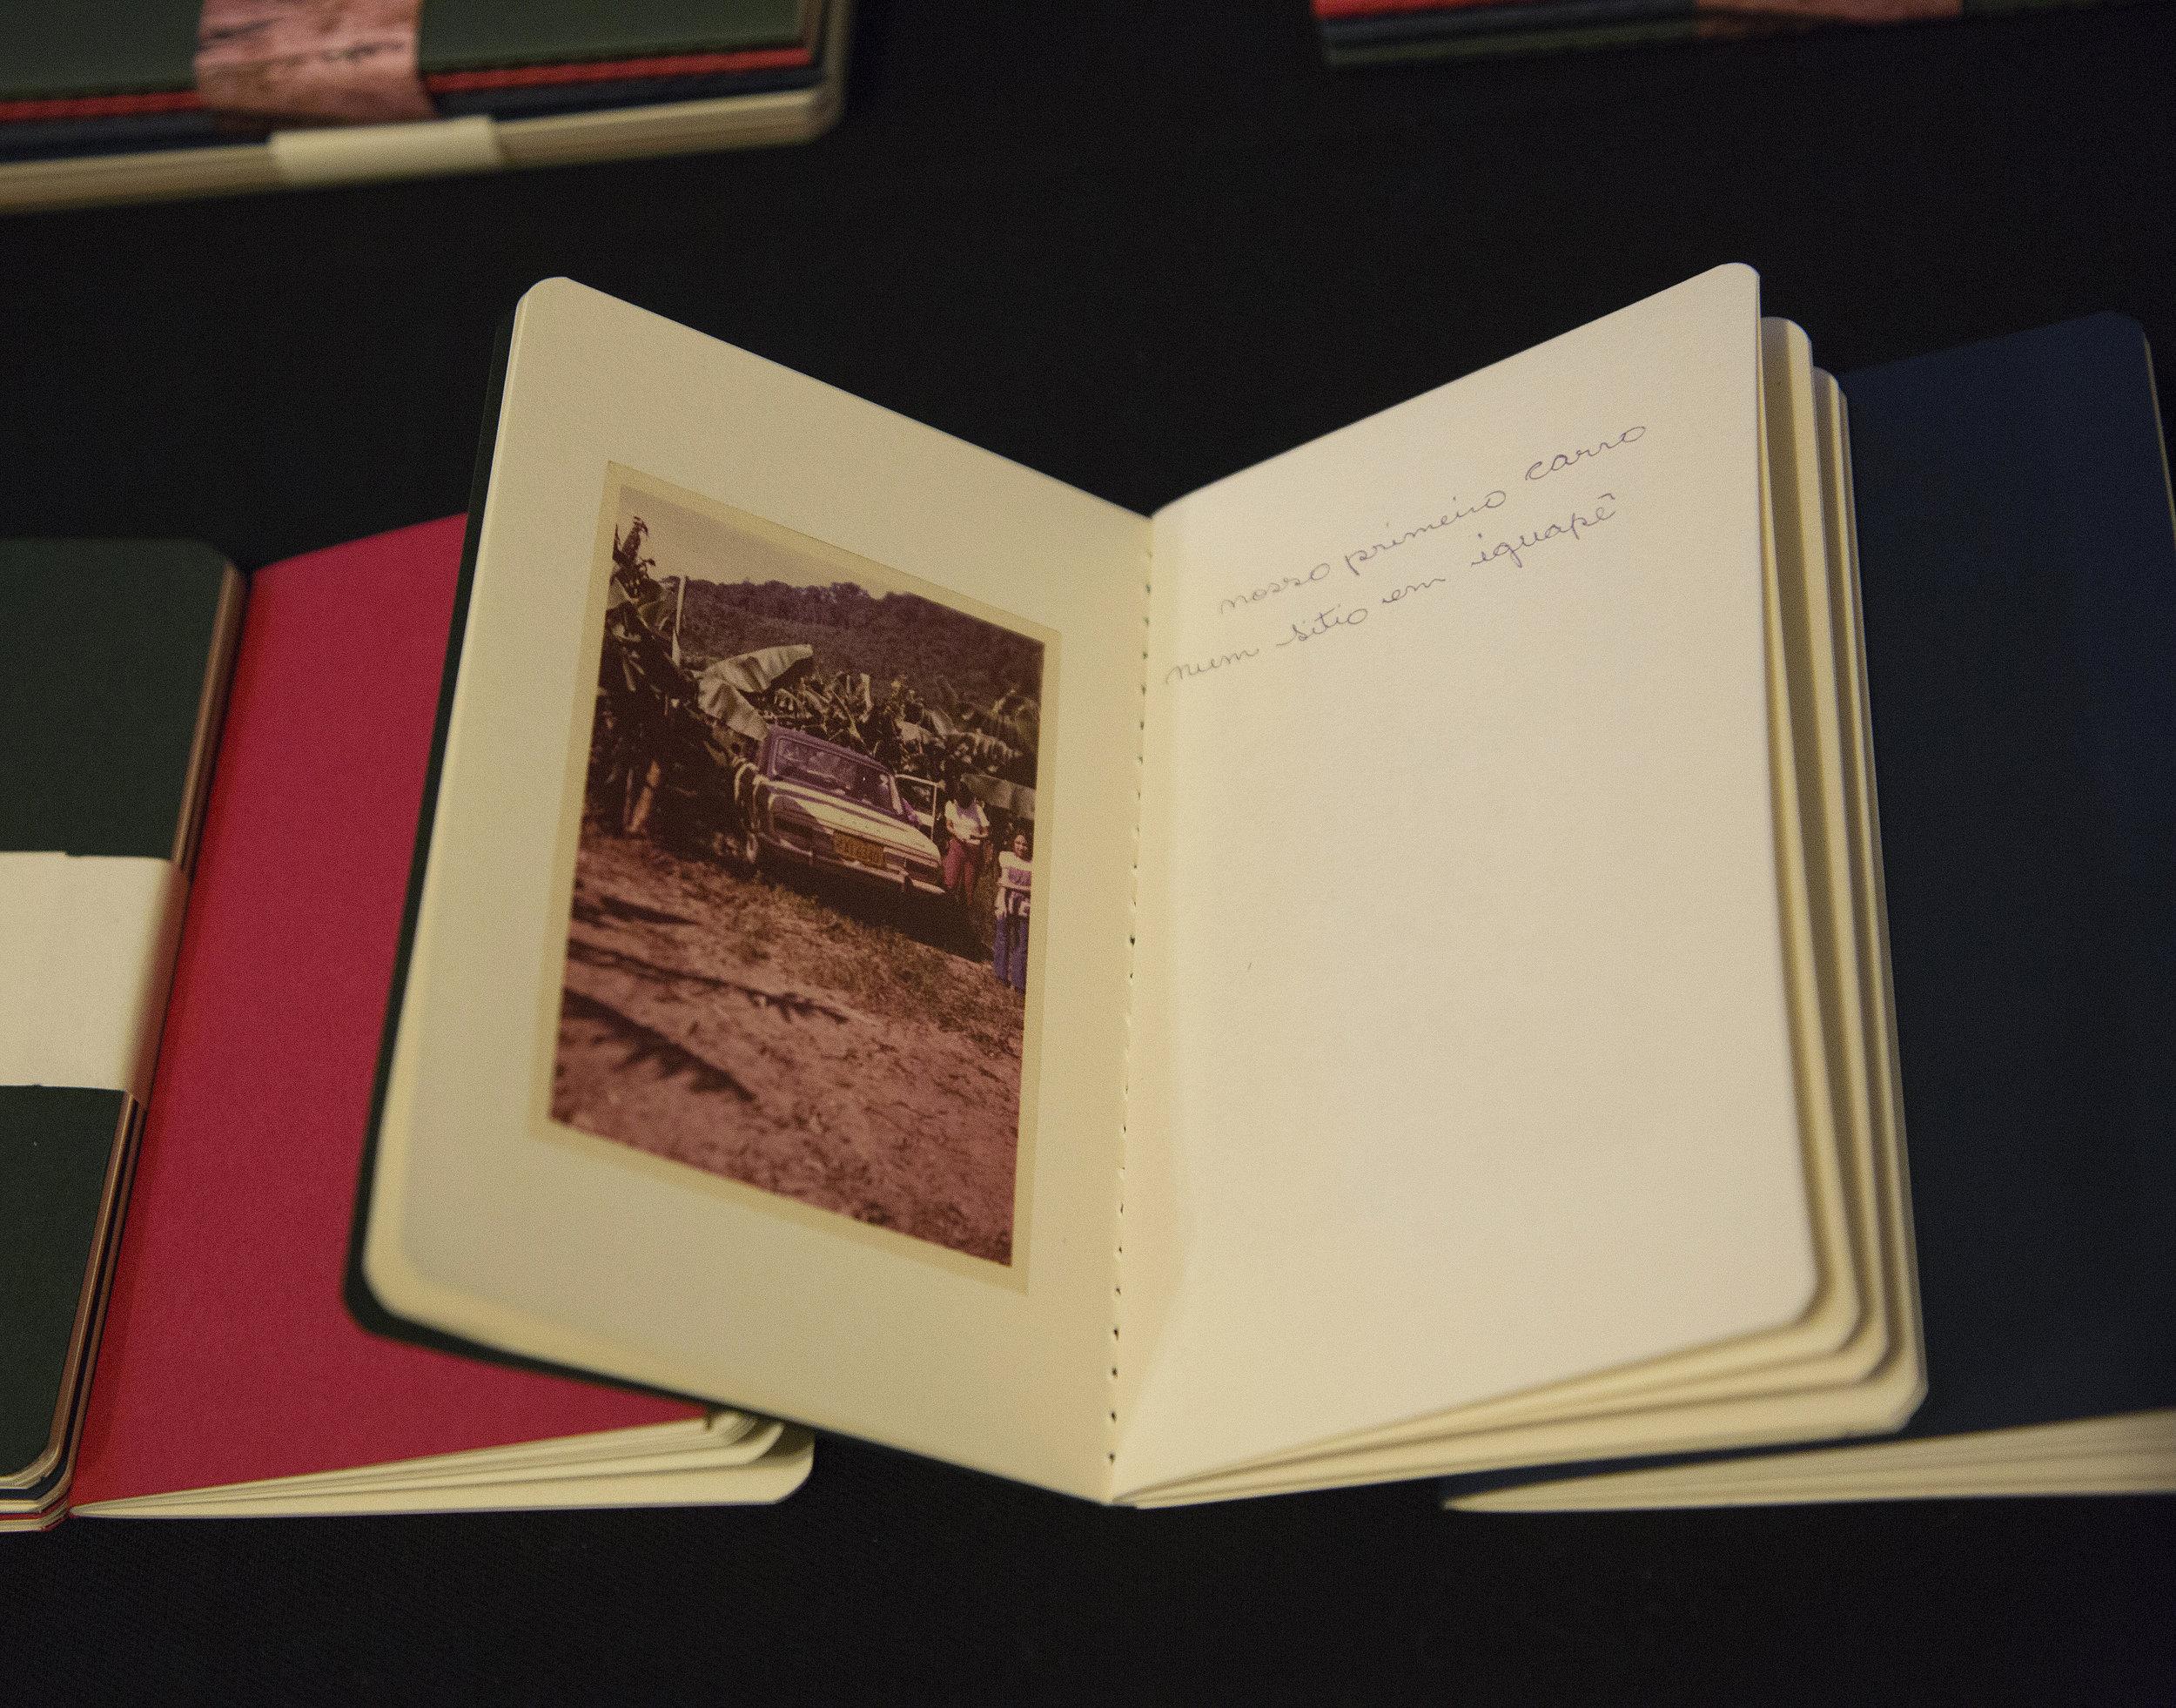 Futuro do Pretérito. Edição de 100 exemplares, em três volumes de pequeno formato, numerados e assinados pela autora.